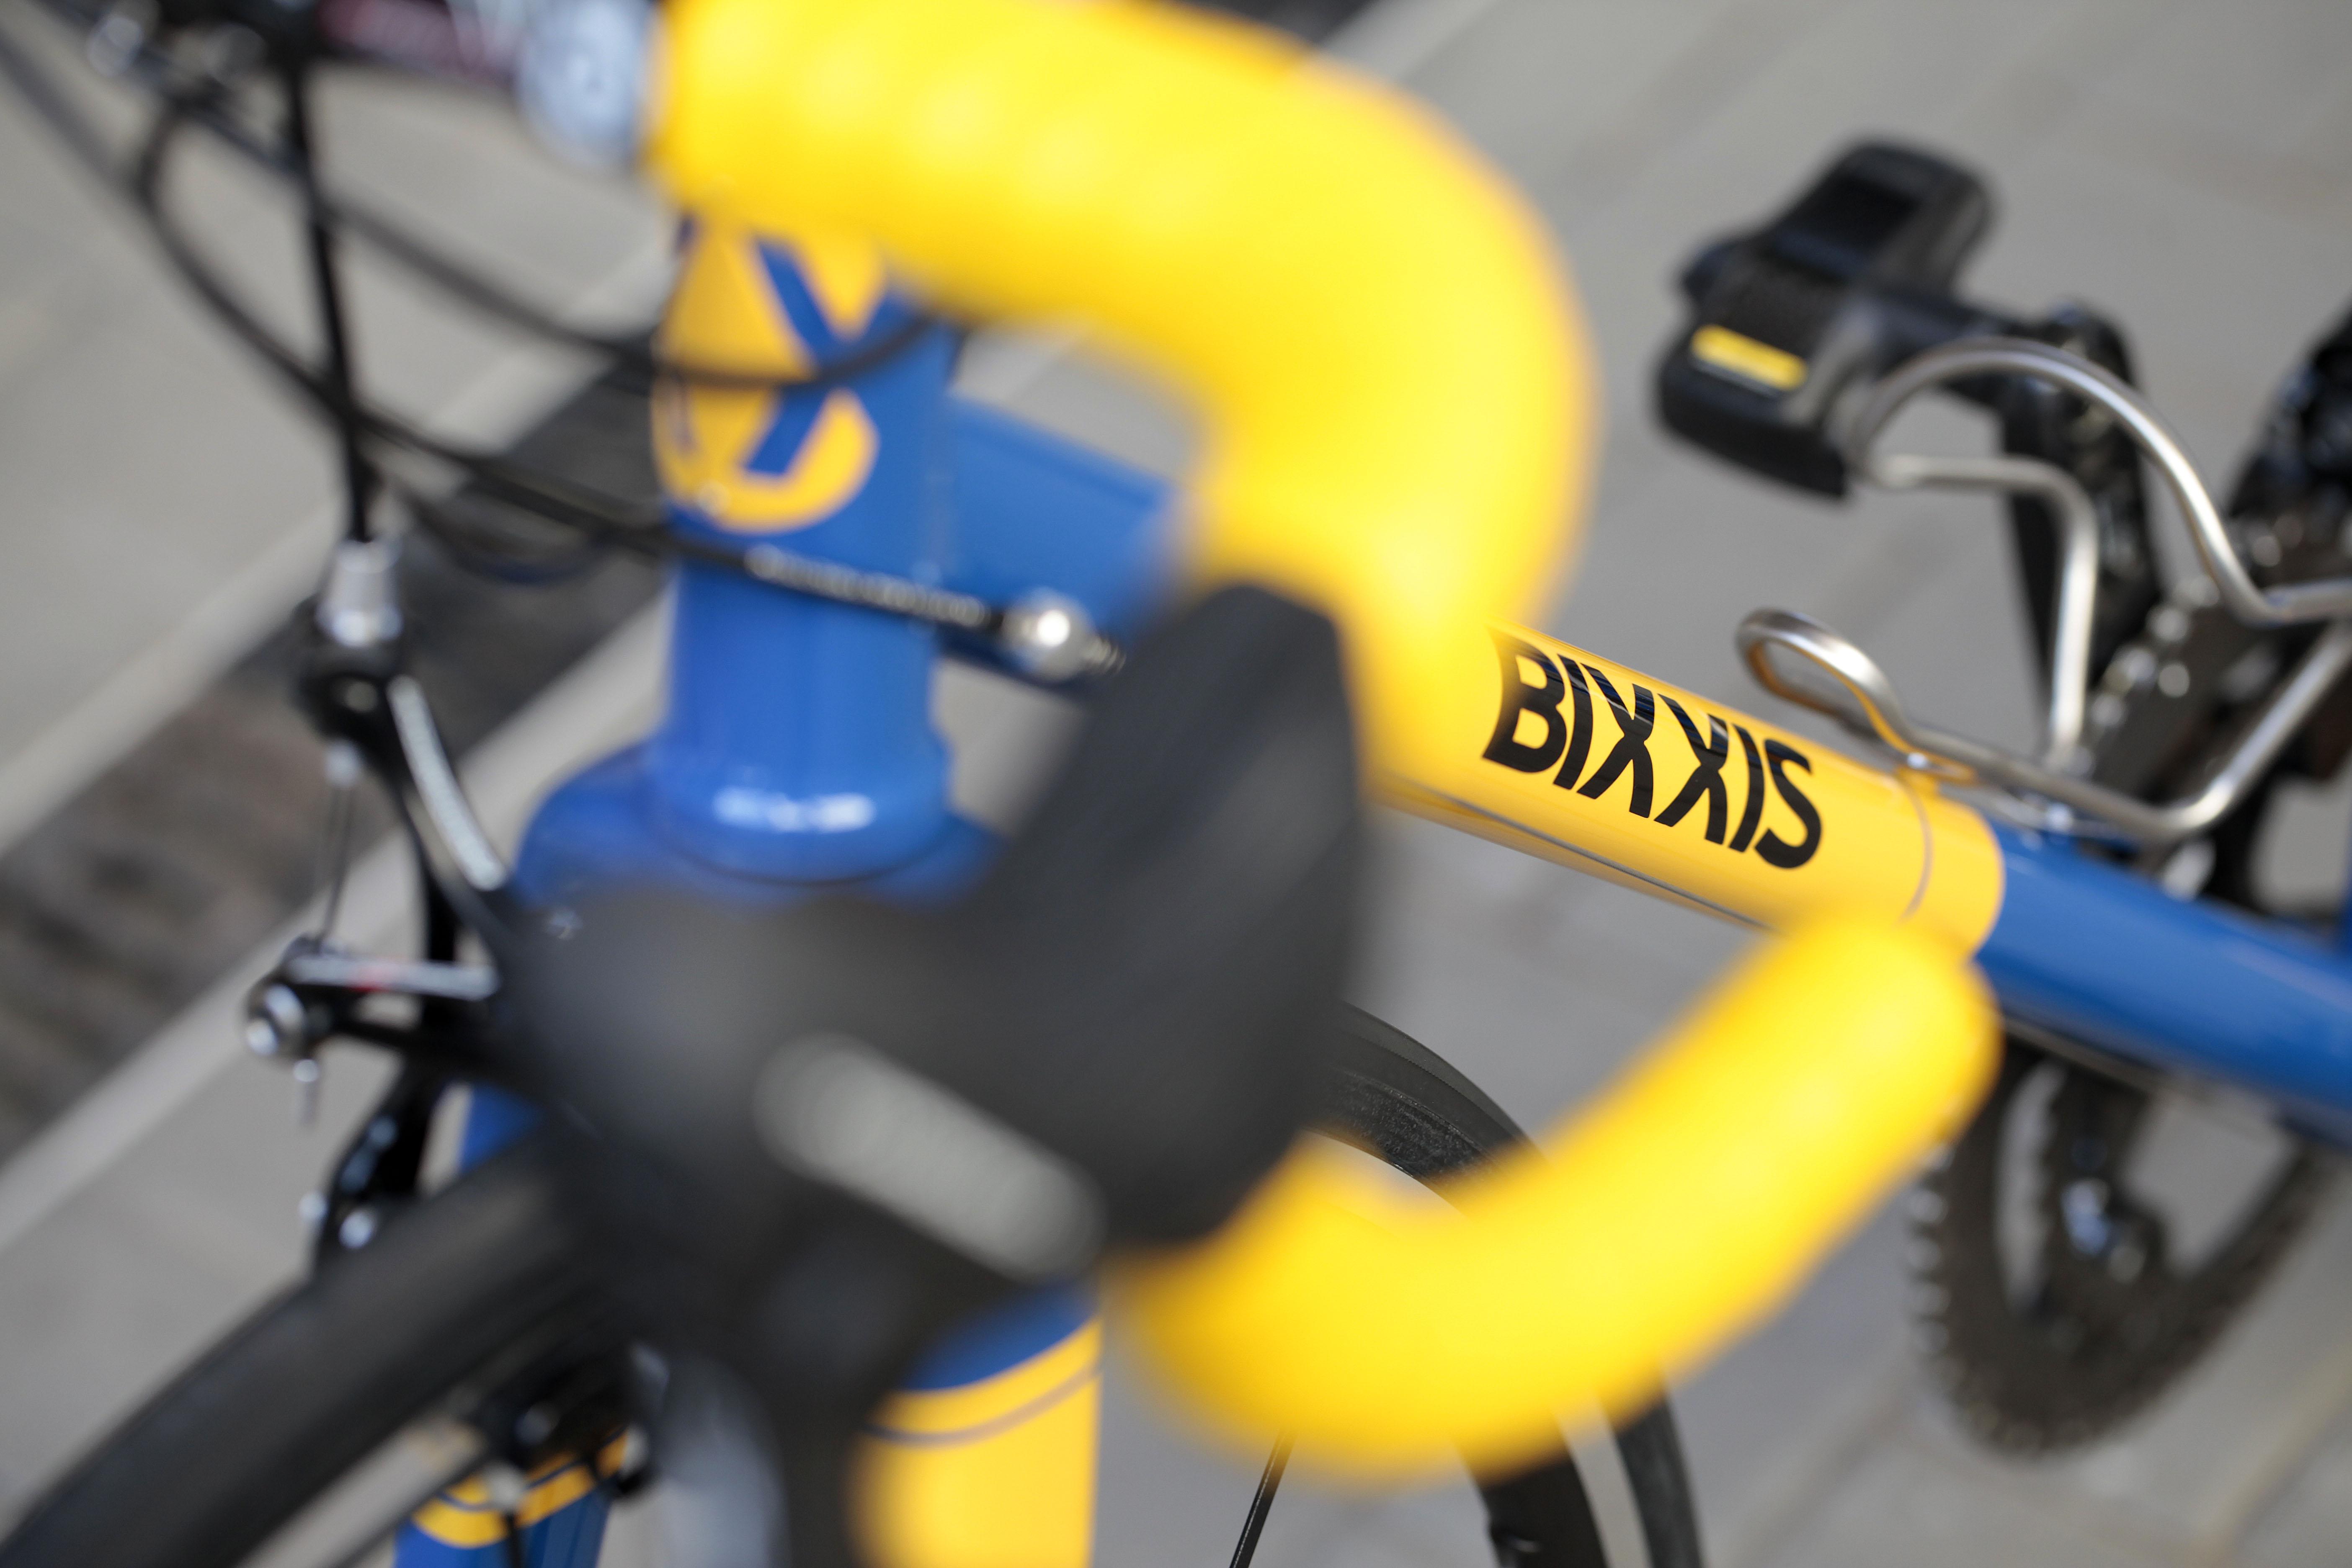 04 Dettaglio tubo diagonale centrale di Bixxis Prima, bicicletta artigianale in acciaio realizzata a mano da Doriano De Rosa 014